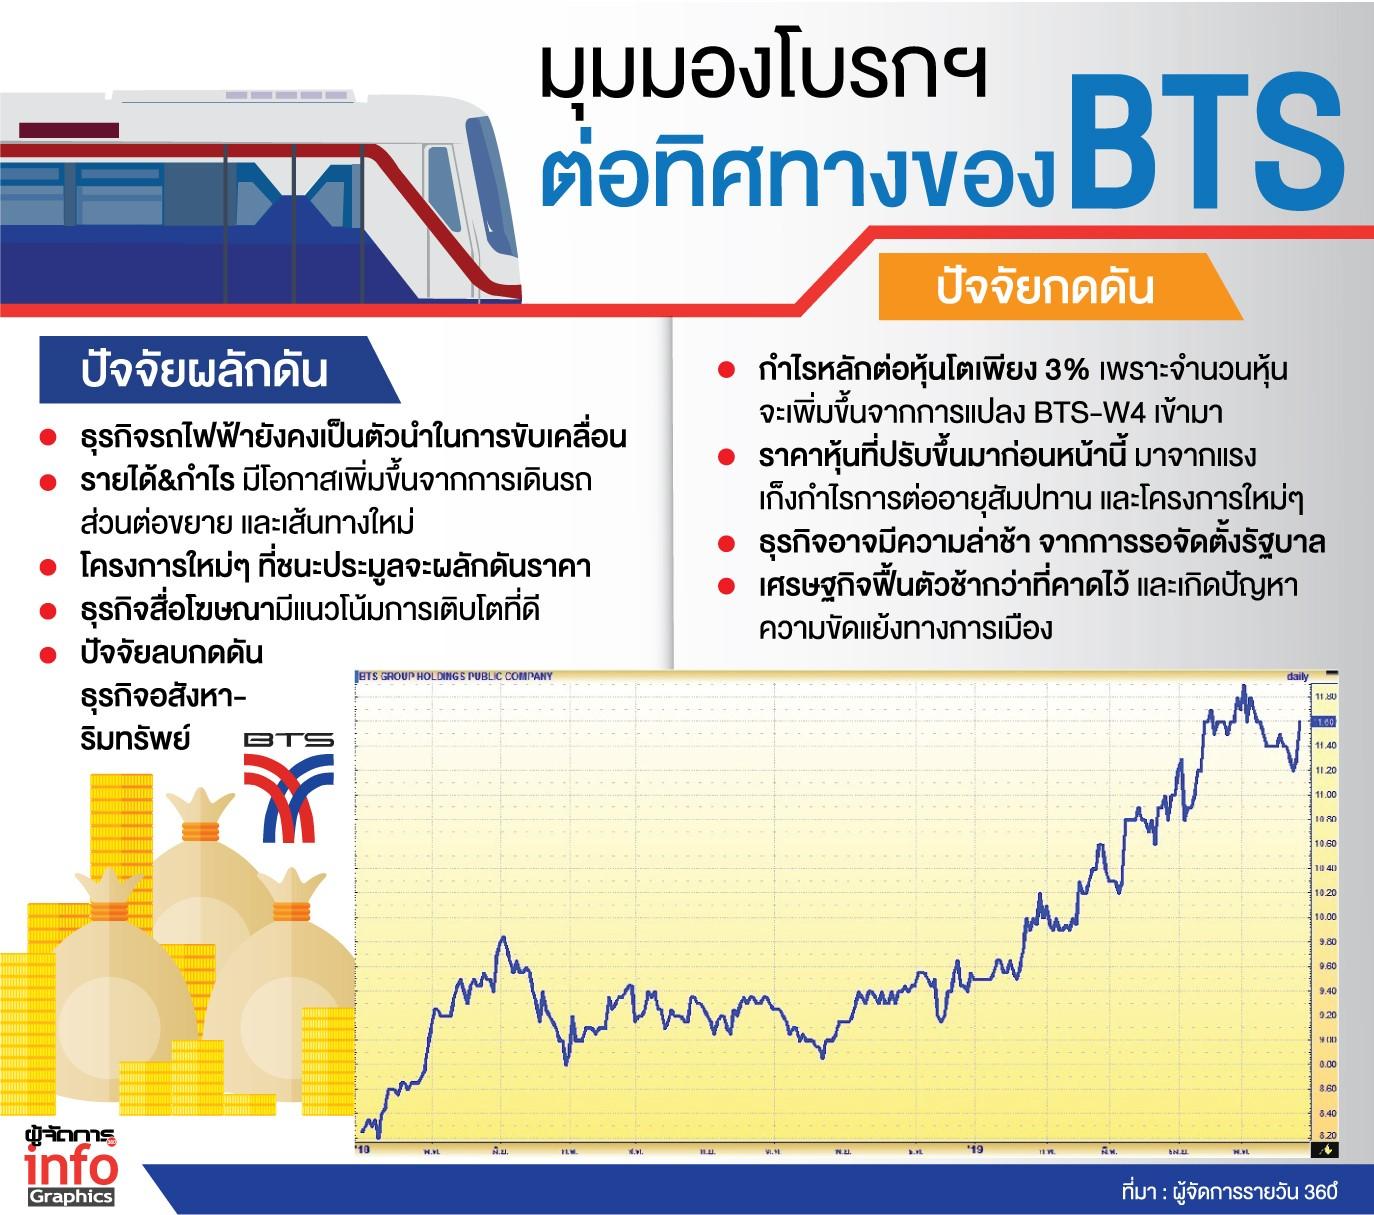 โบรกฯเชื่อ BTS กำไรปีนี้เพิ่ม รถไฟฟ้า & ธุรกิจสื่อผลักดัน